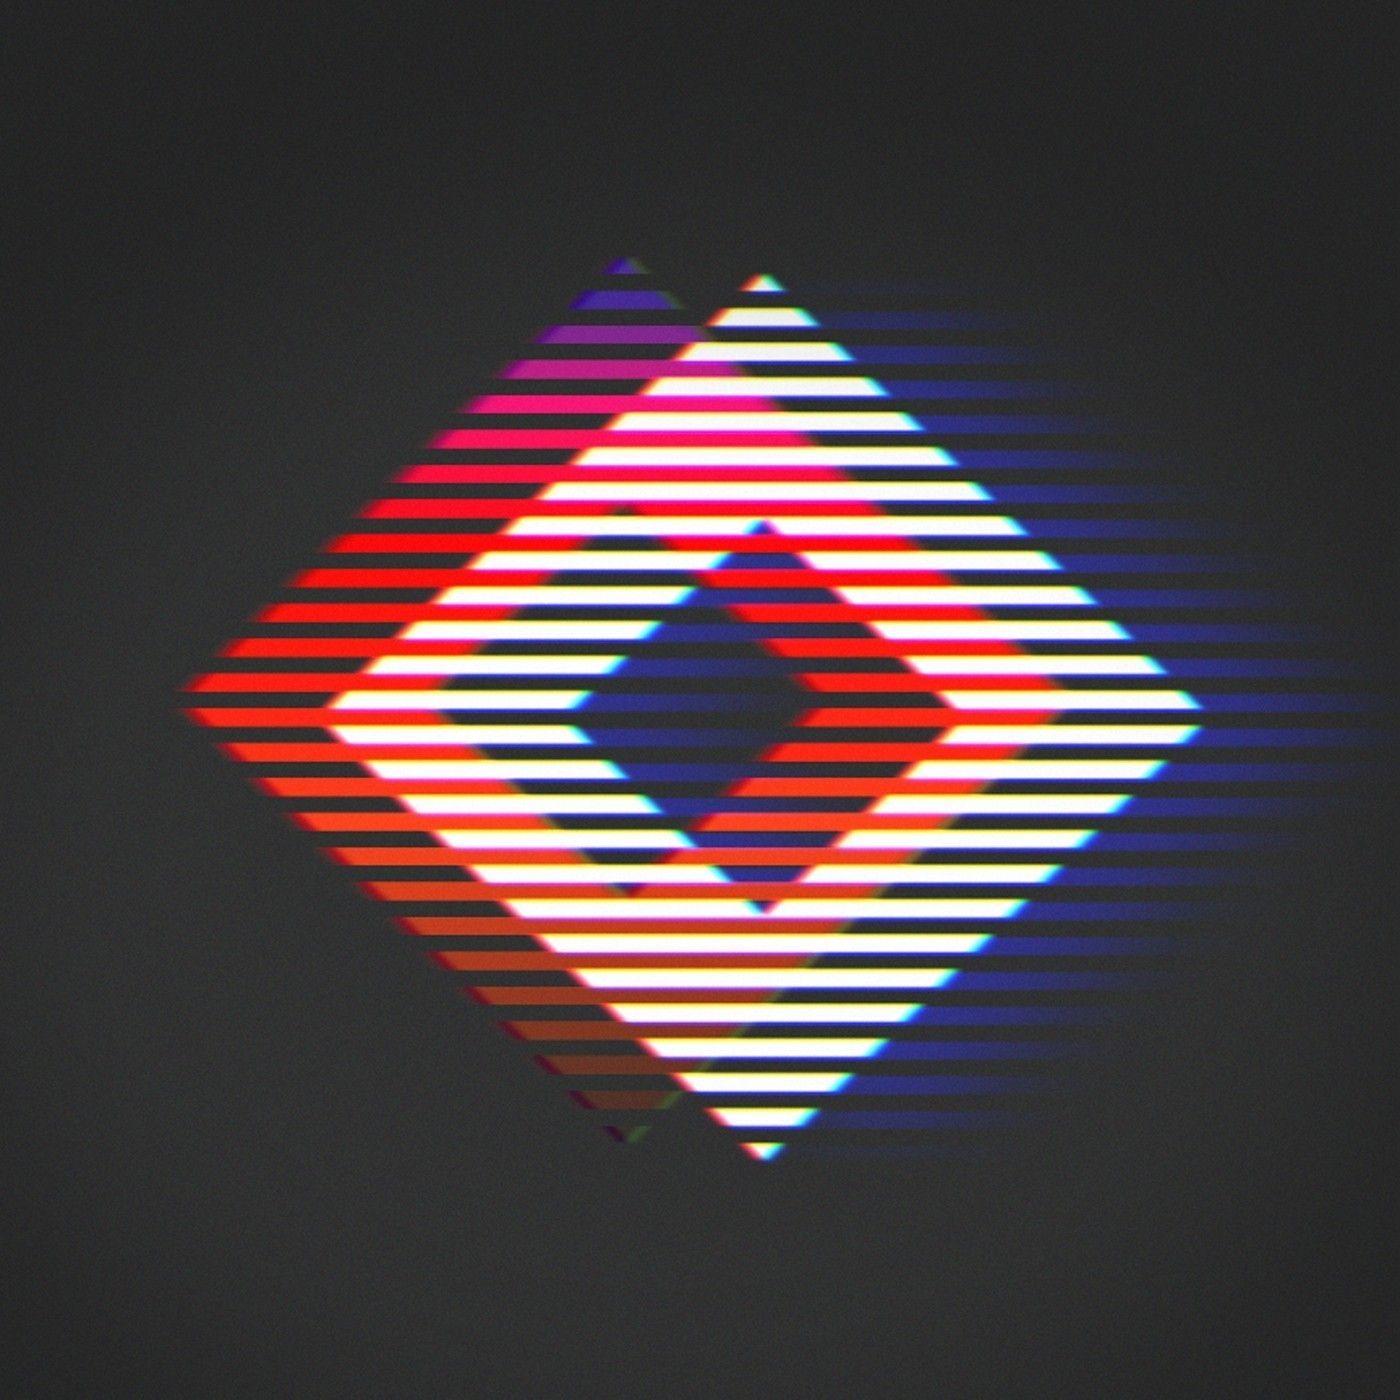 heart013.jpg